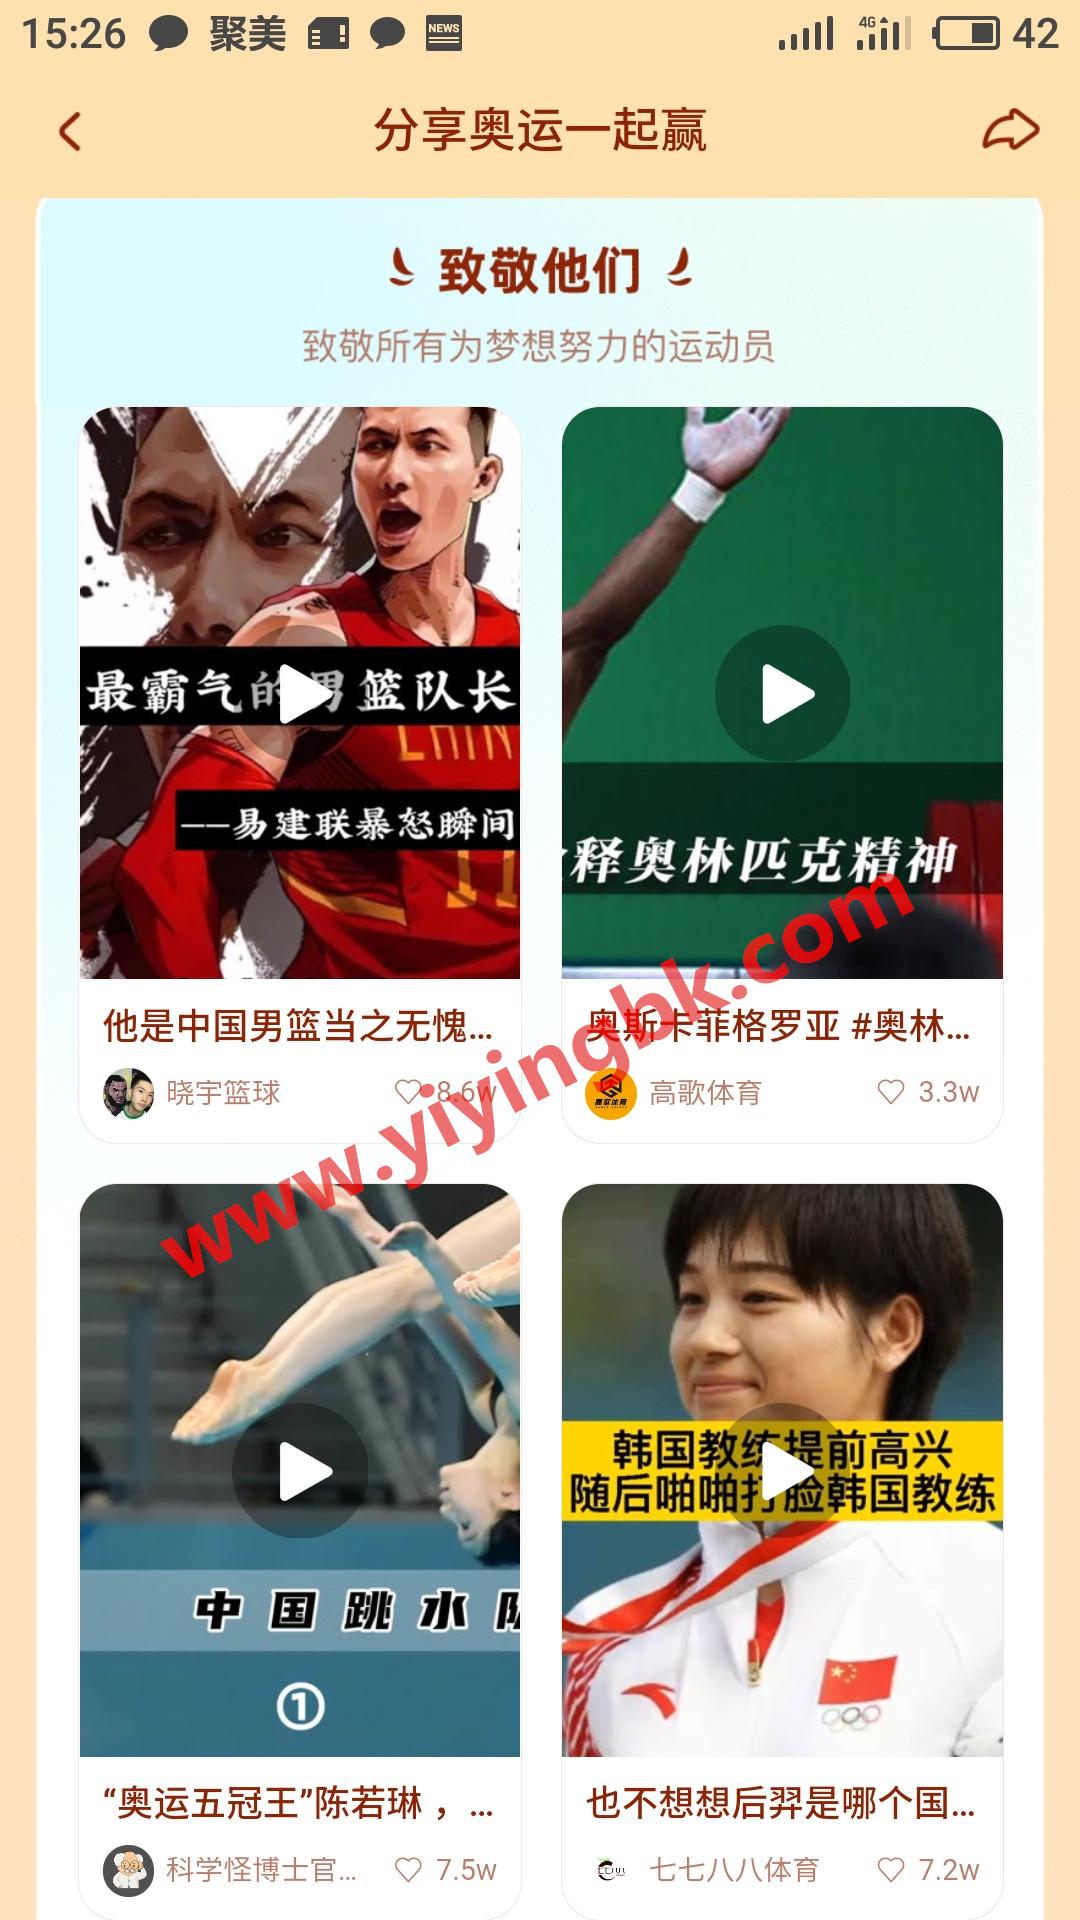 分享奥运视频一起赢红包,www.yiyingbk.com